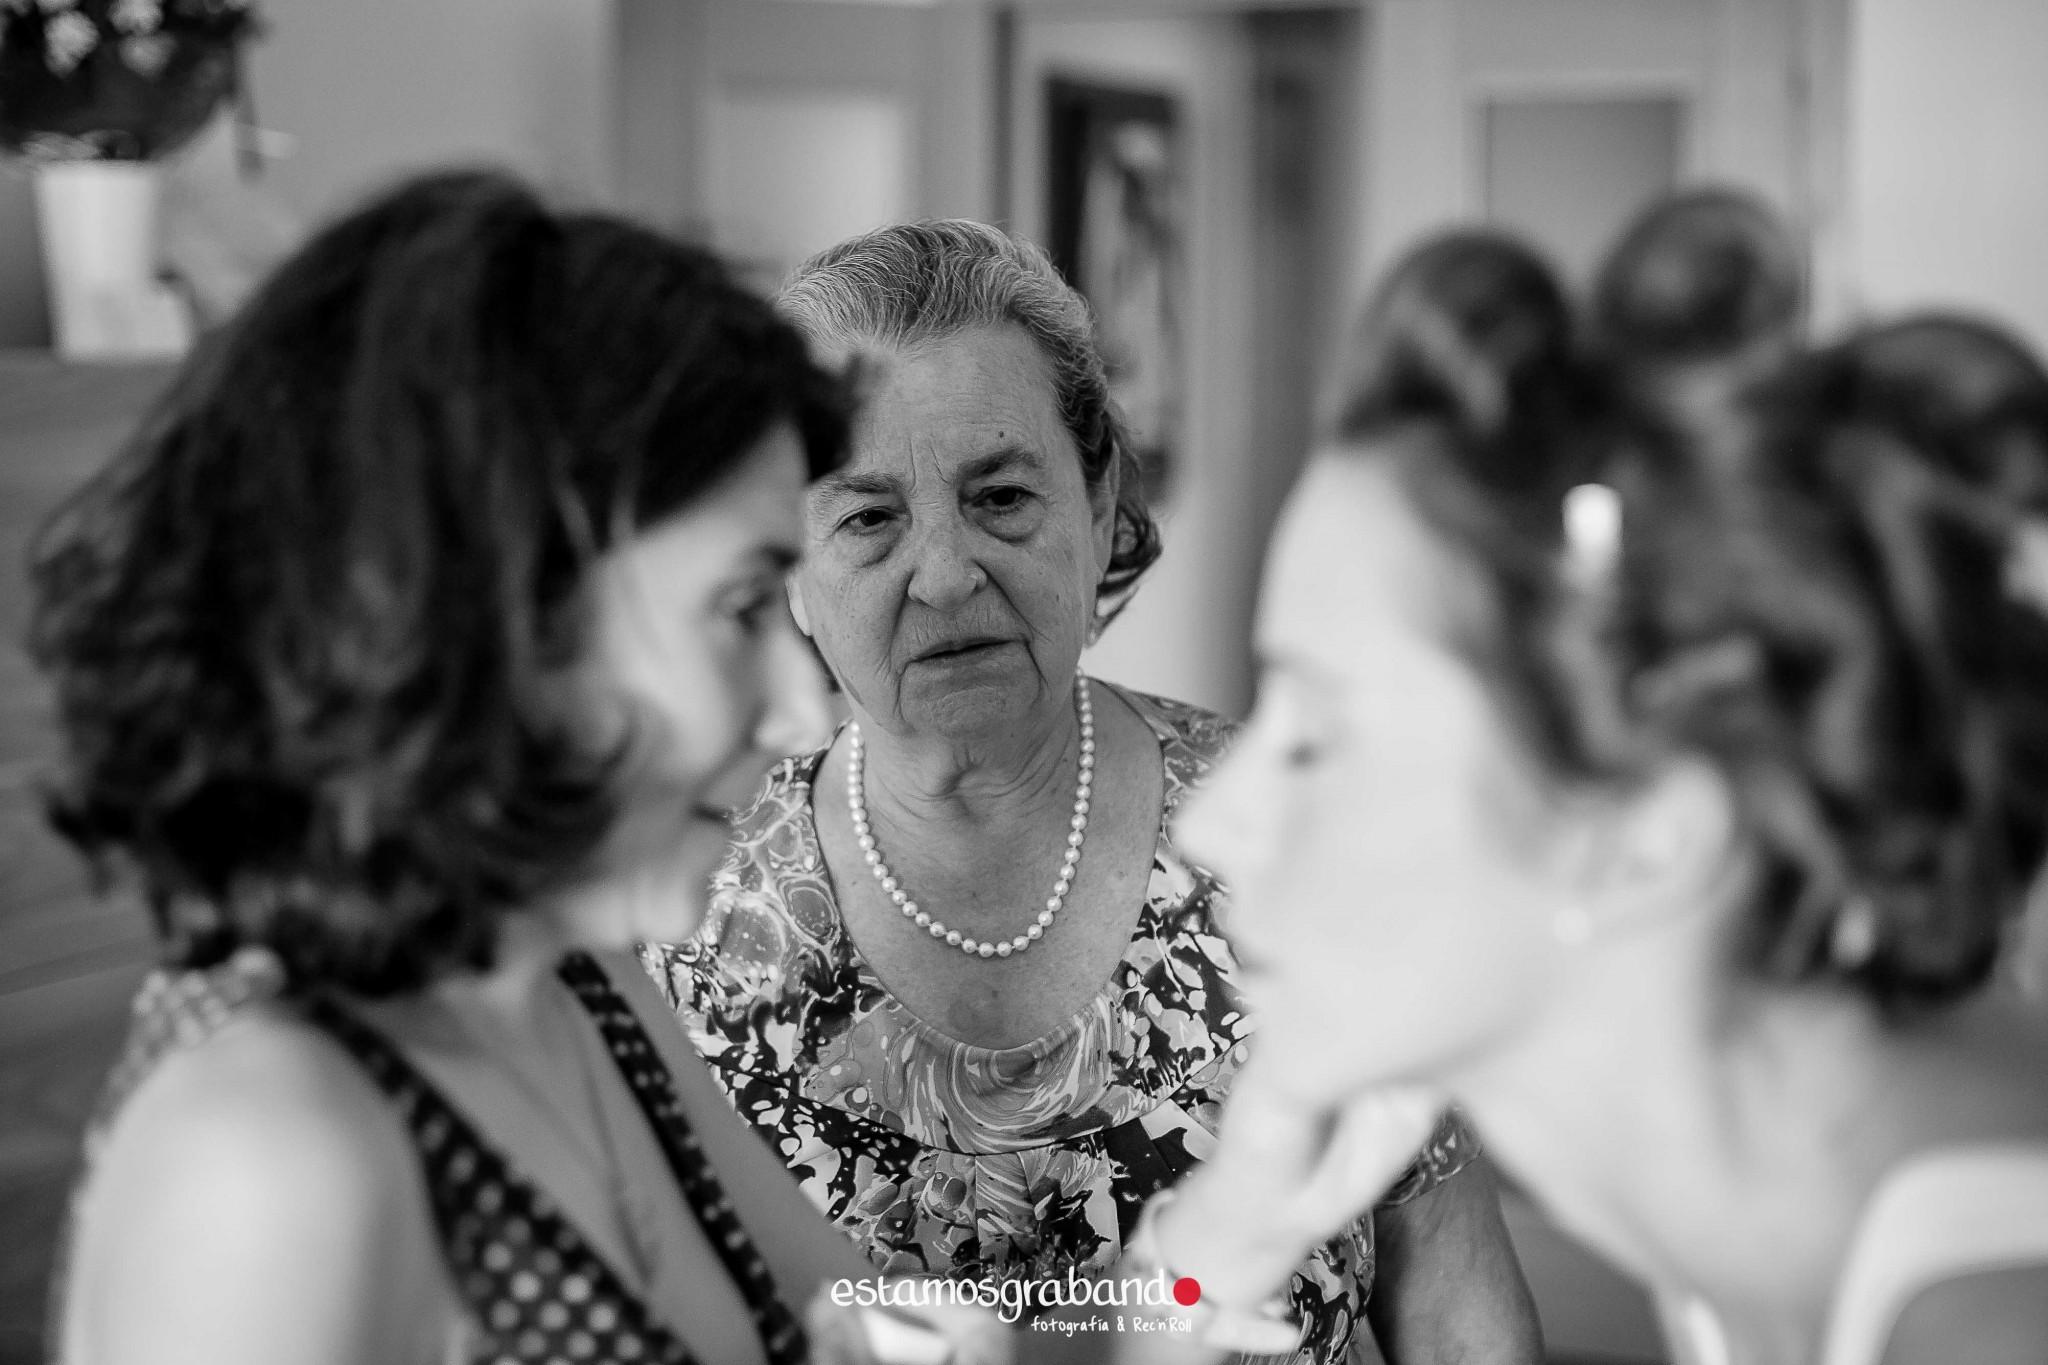 fotografo-de-bodas-jerez_mari-paz-jaime_bodegas-tradiciocc81n-17 32 escalones [Fotografía de bodas Jerez_Mari Paz & Jaime] - video boda cadiz